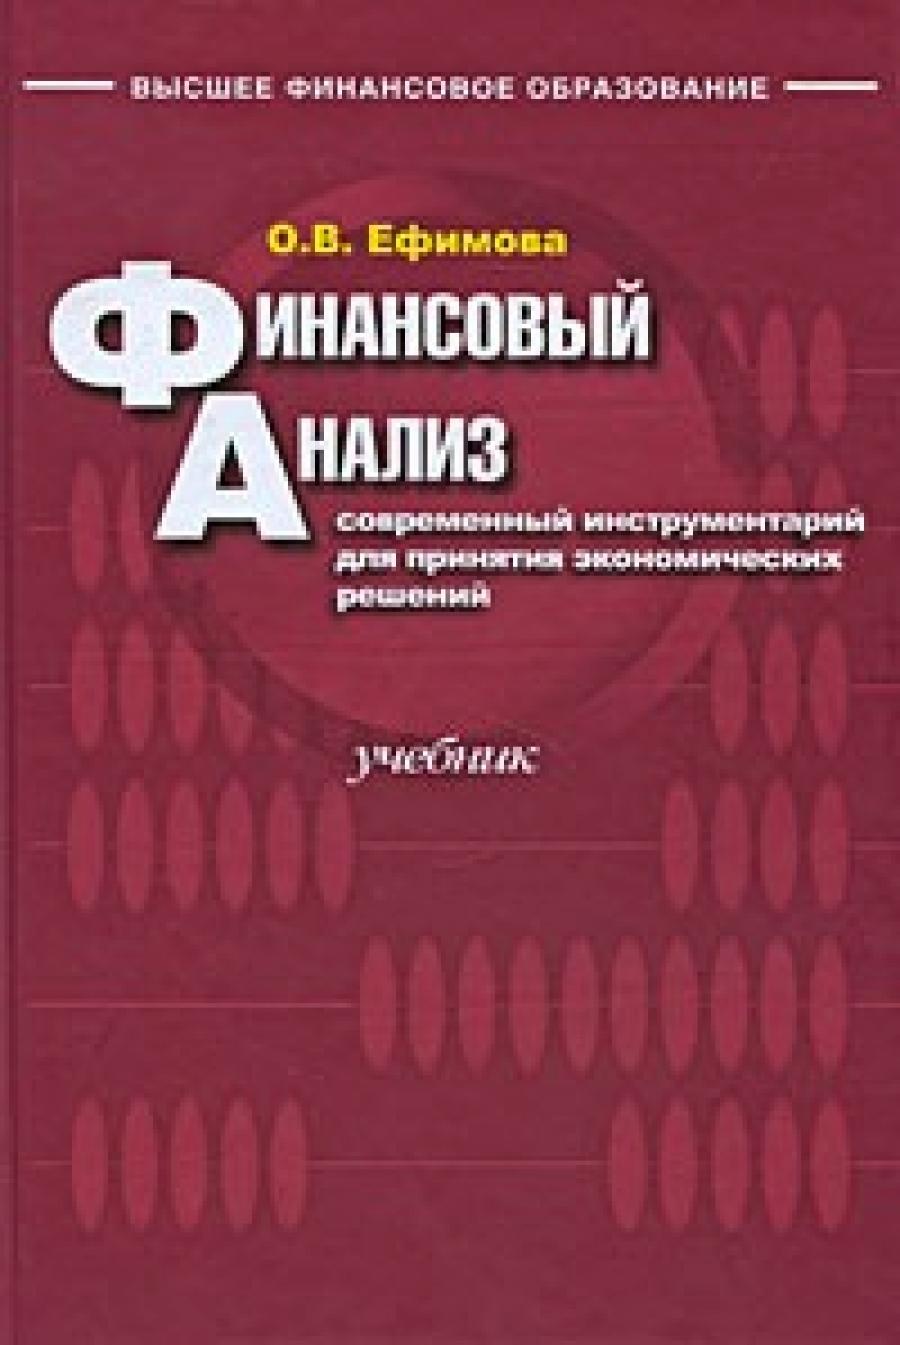 Обложка книги:  вахрушина м.а. - управленческий анализ.